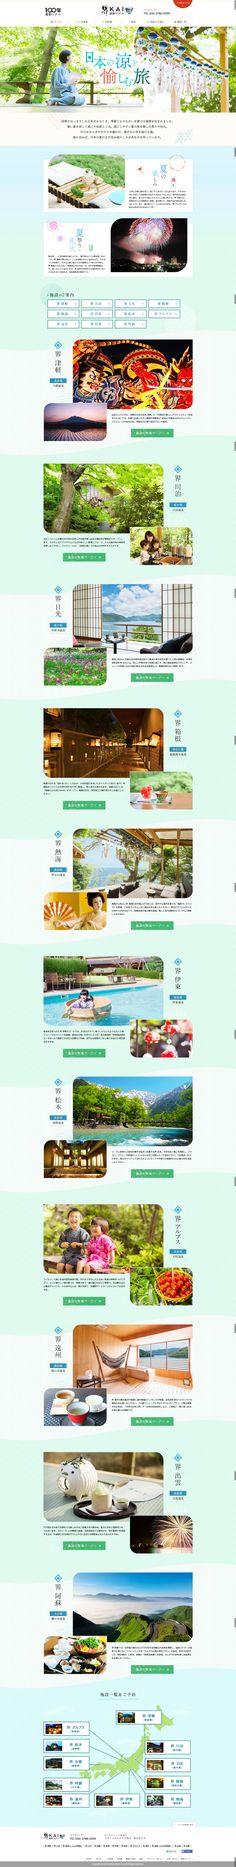 日本の涼を愉しむ旅---星野リゾートの温泉旅館ブランド「界」